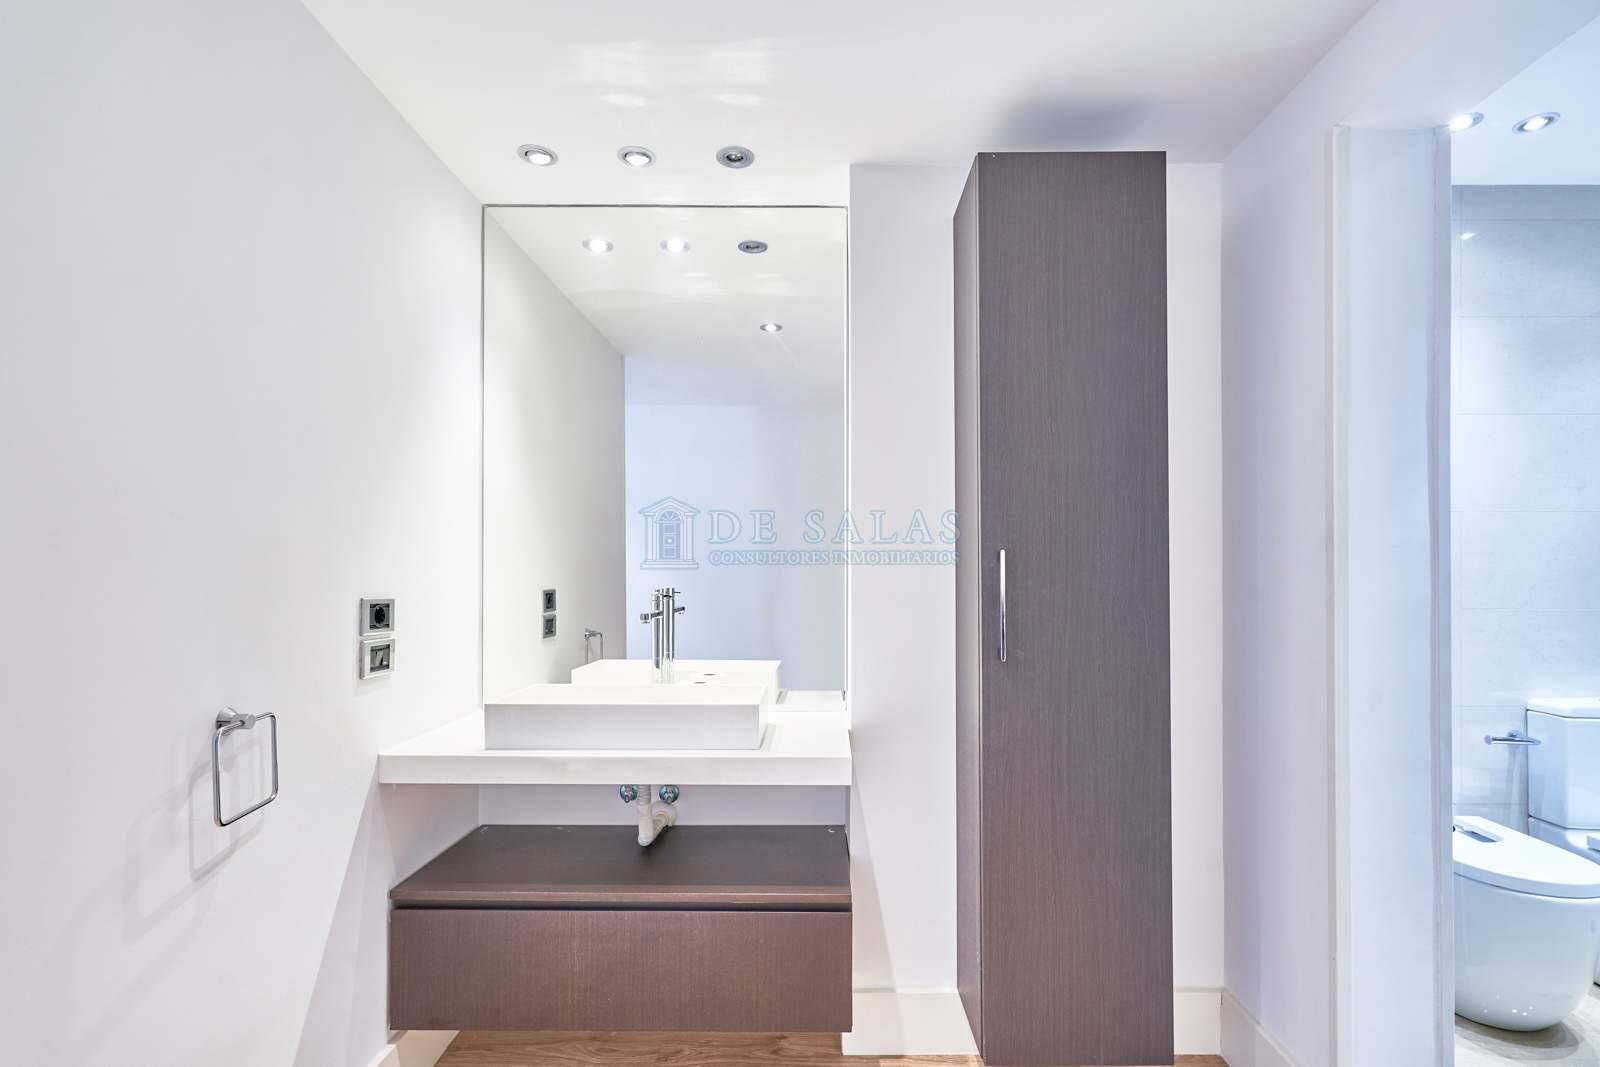 Baño-008 Appartement Soto de la Moraleja